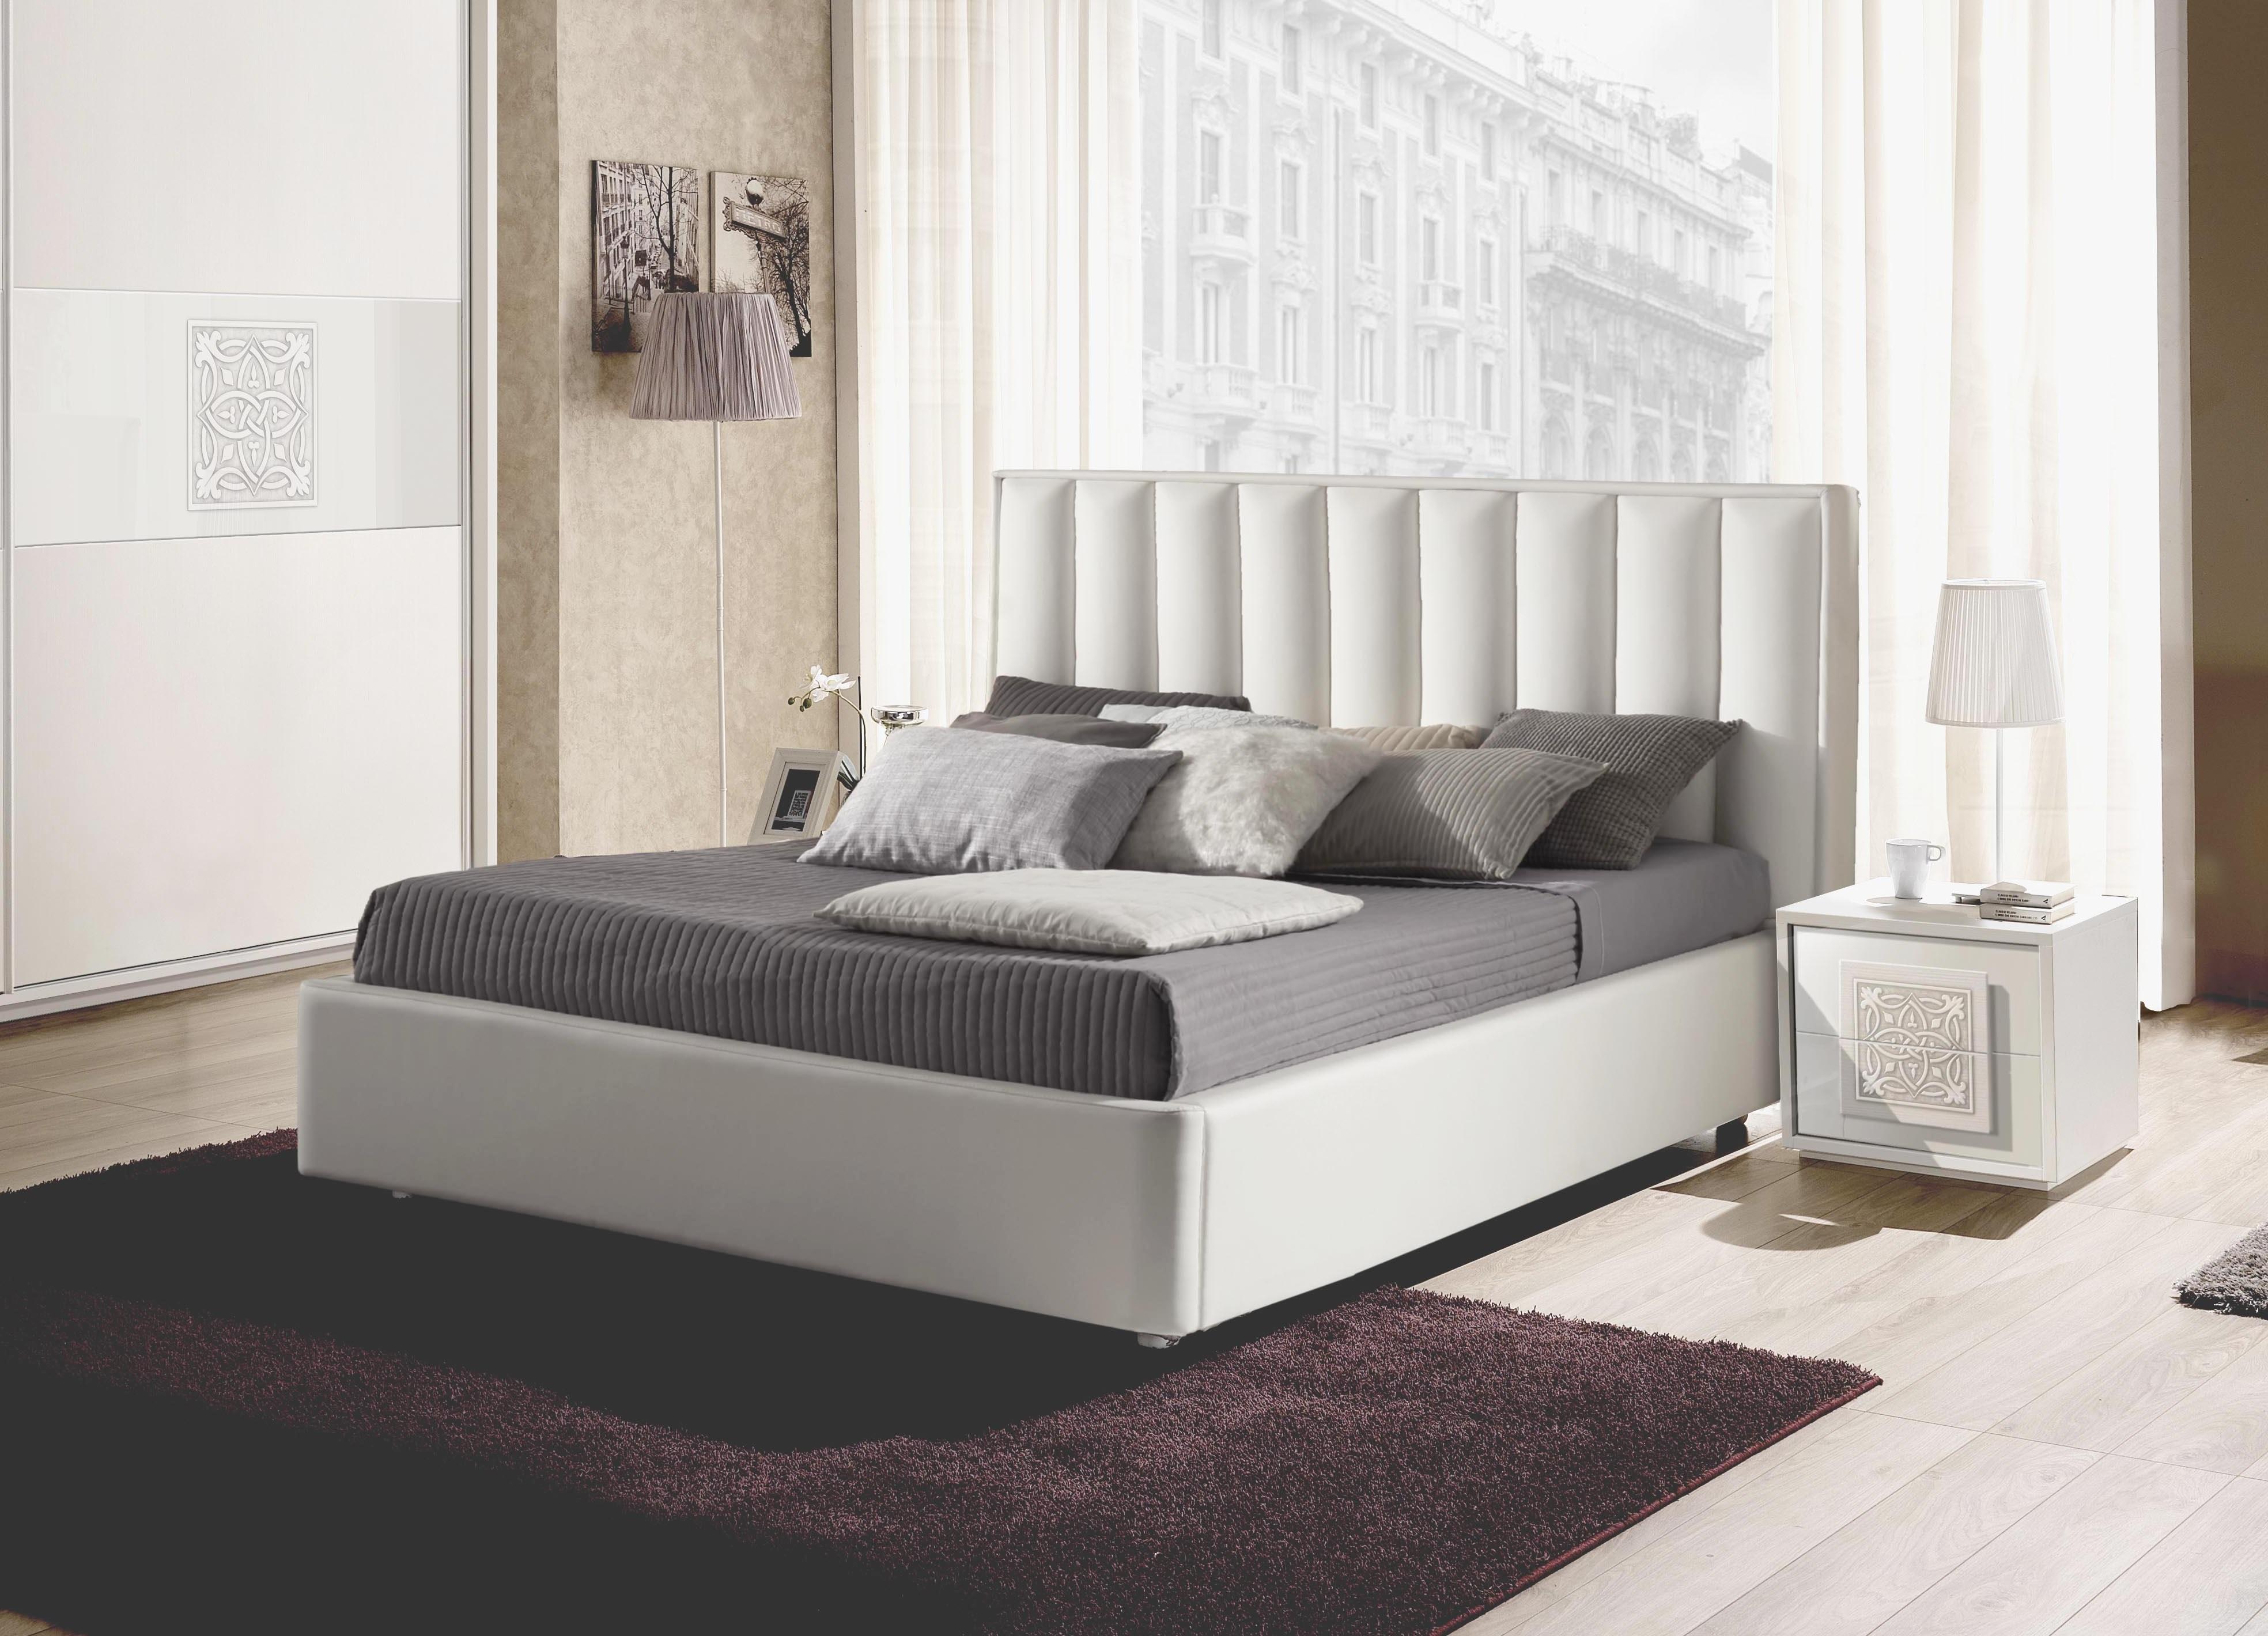 Bett Dama Mit Stauraum In Weiß Odern Design 160x200 Cm